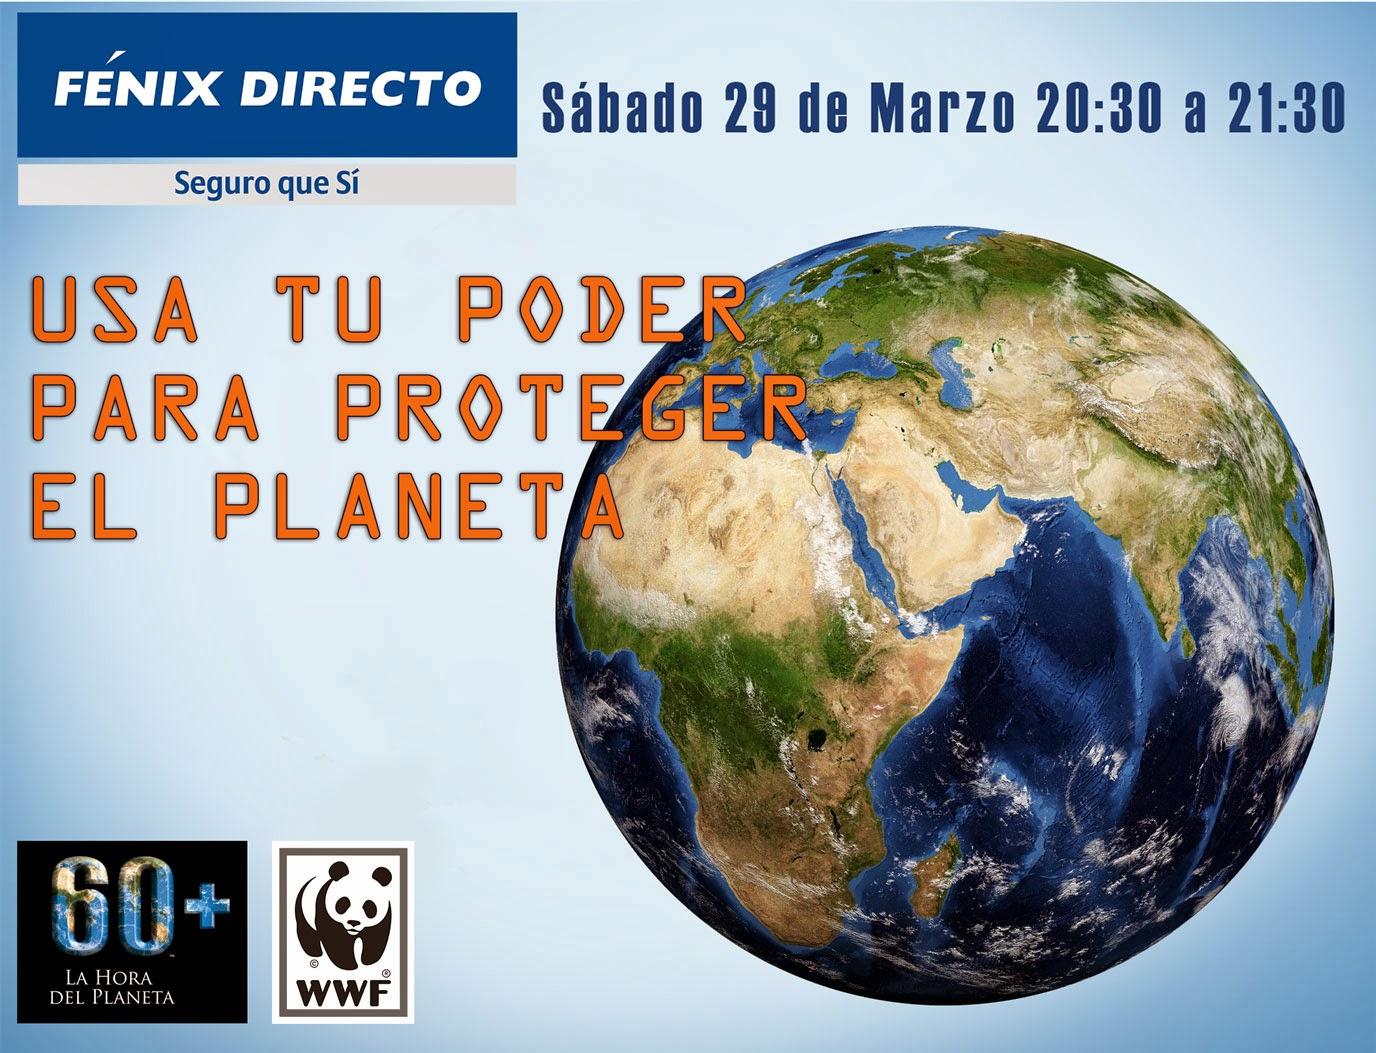 Fénix Directo empresa participante en La Hora del Planeta